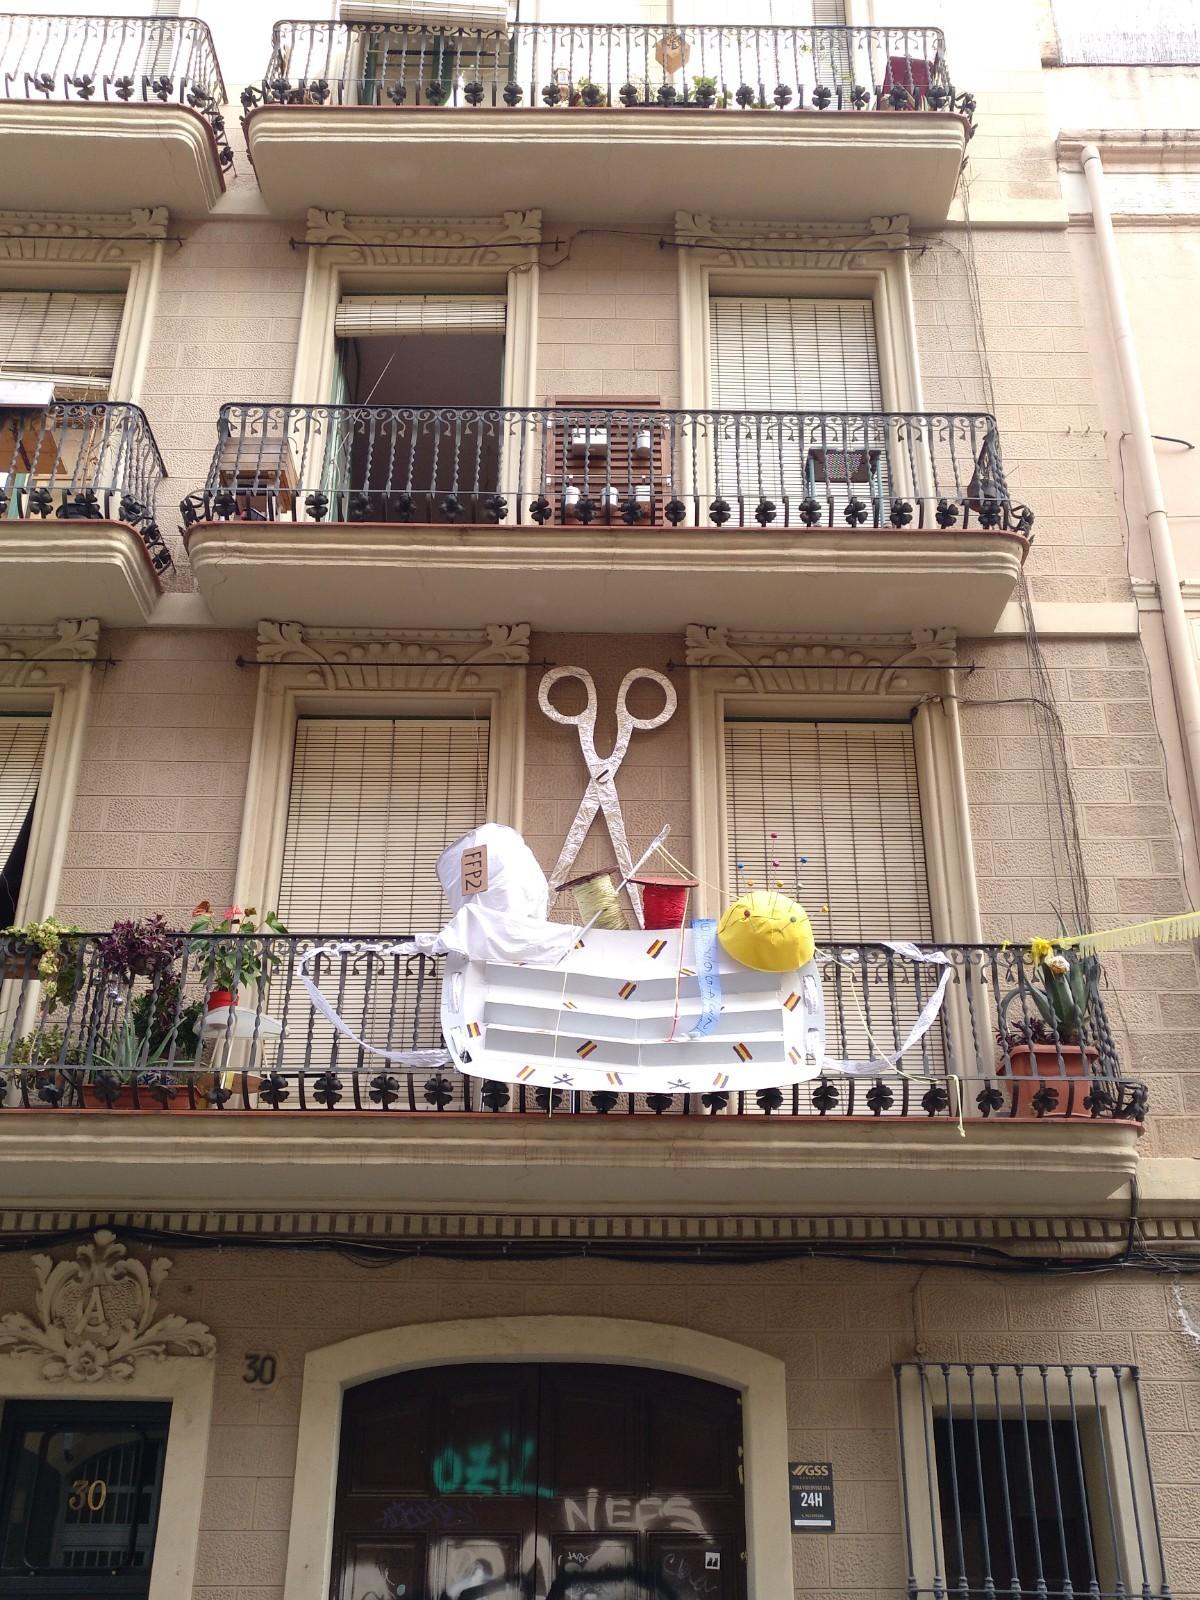 Festa Major de Gàcia 2020. Balcó guarnit al carrer Sant Lluís